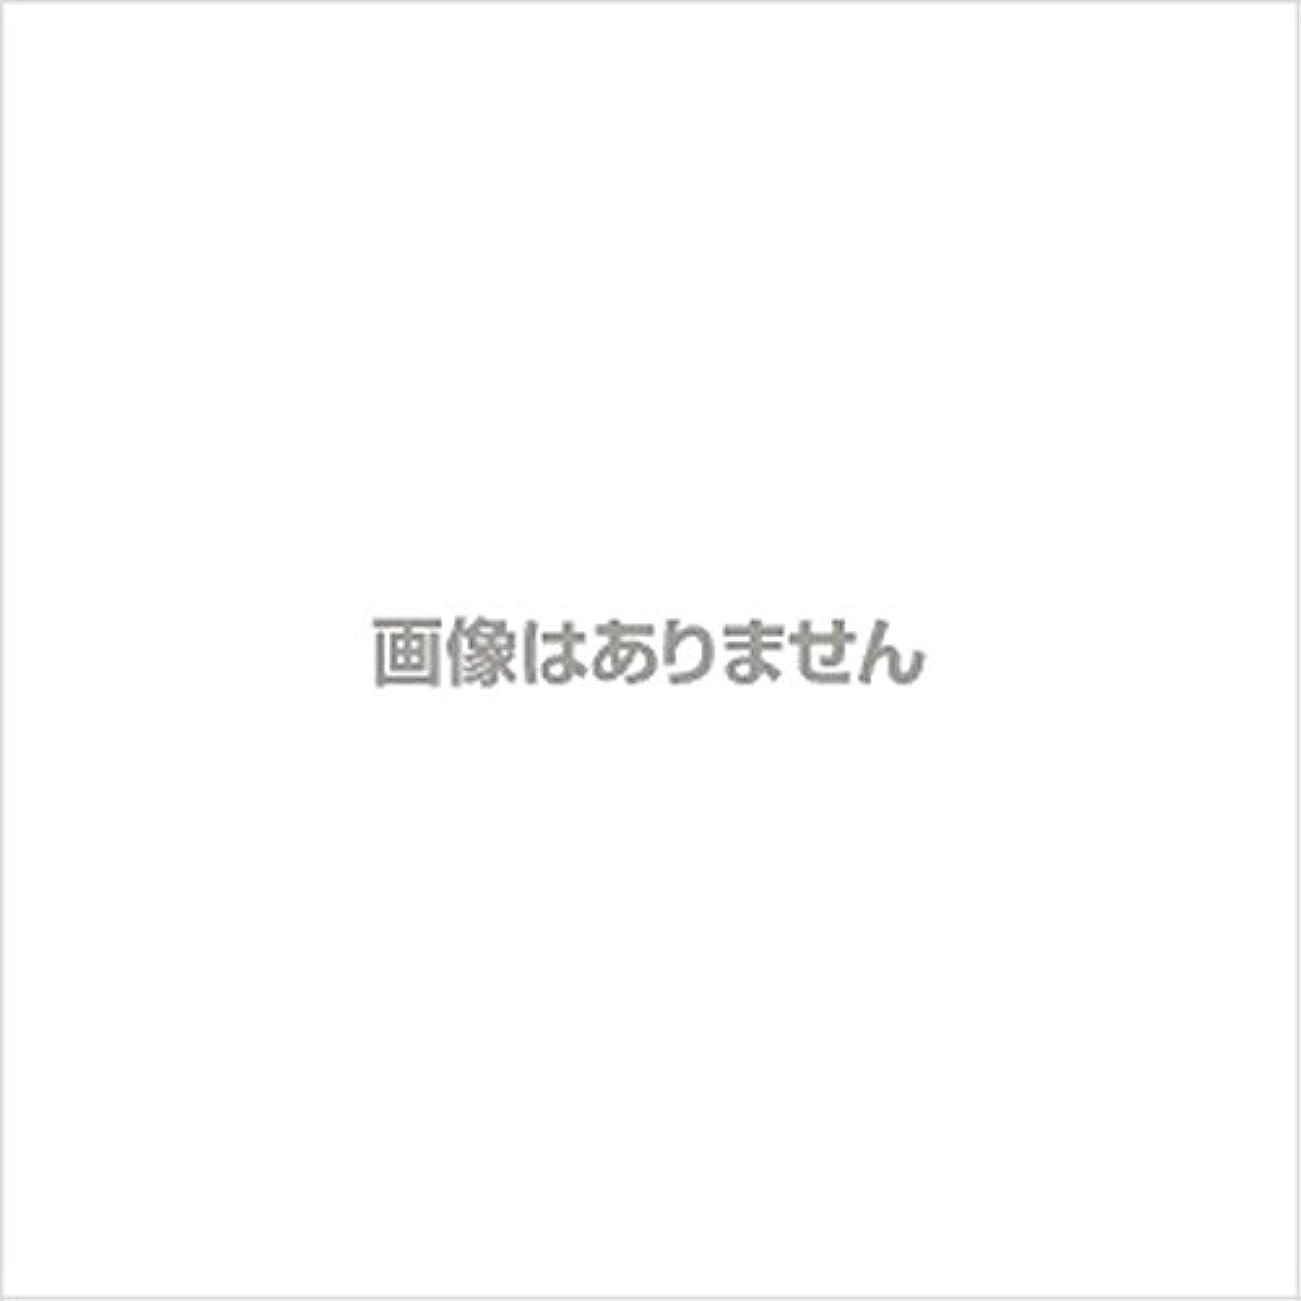 人気刈る戸棚【新発売】EBUKEA エブケアNO1002 プラスチックグローブ(粉付)Mサイズ 100枚入(極薄?半透明)